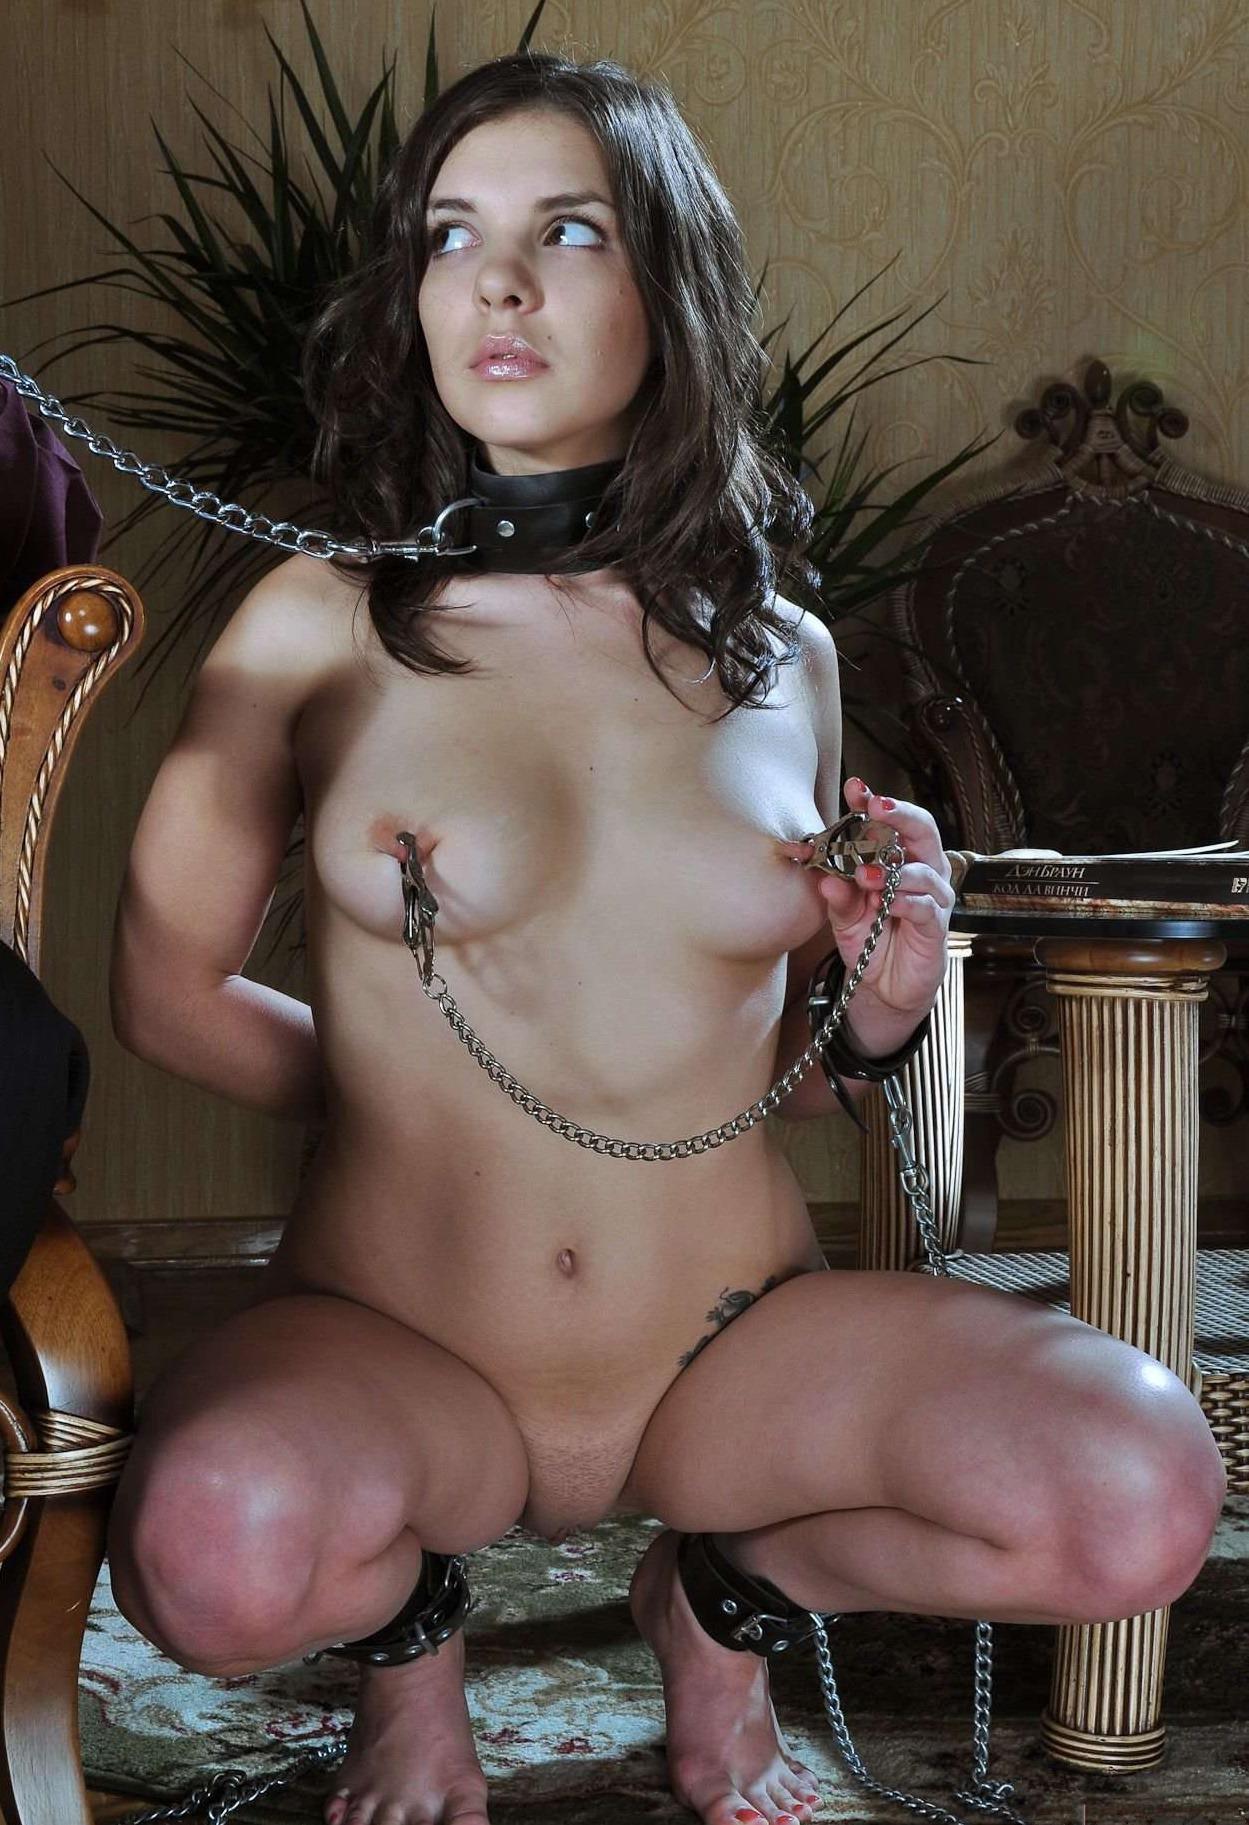 Schwanzhungrige Schlampe Abigail Mac lutscht gierig an dieser Stange photo 3